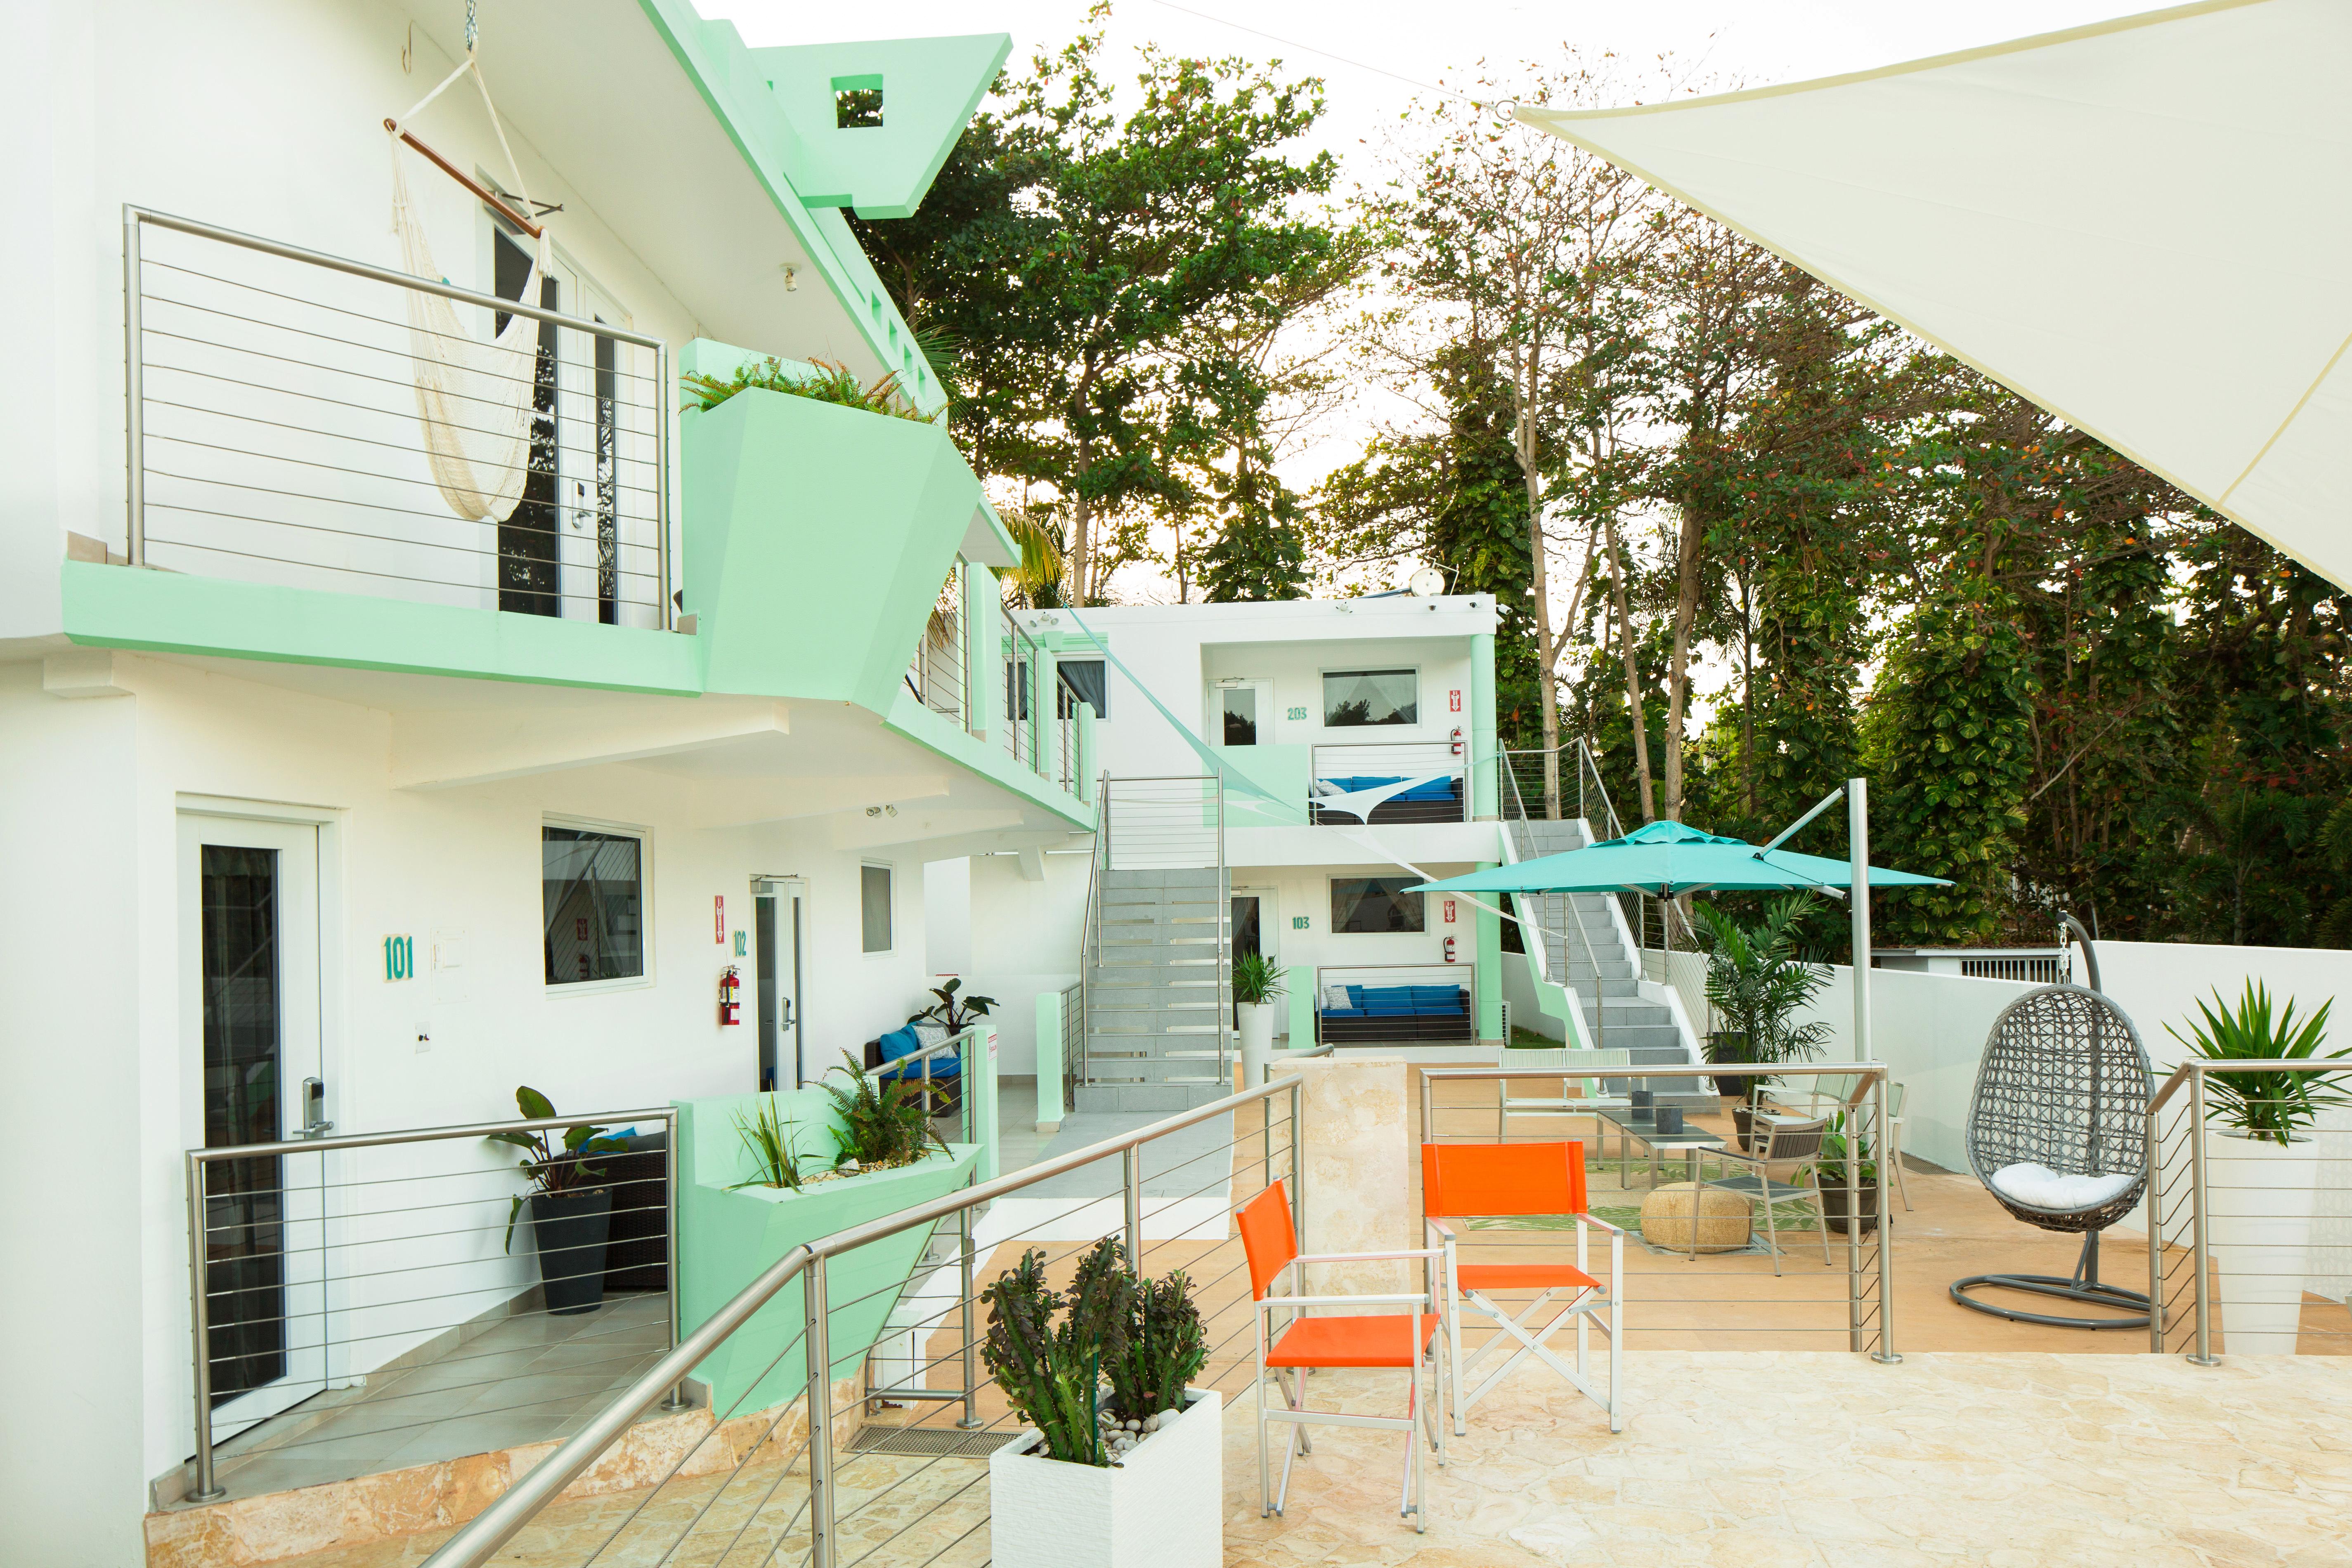 038 Exterior Courtyard 03